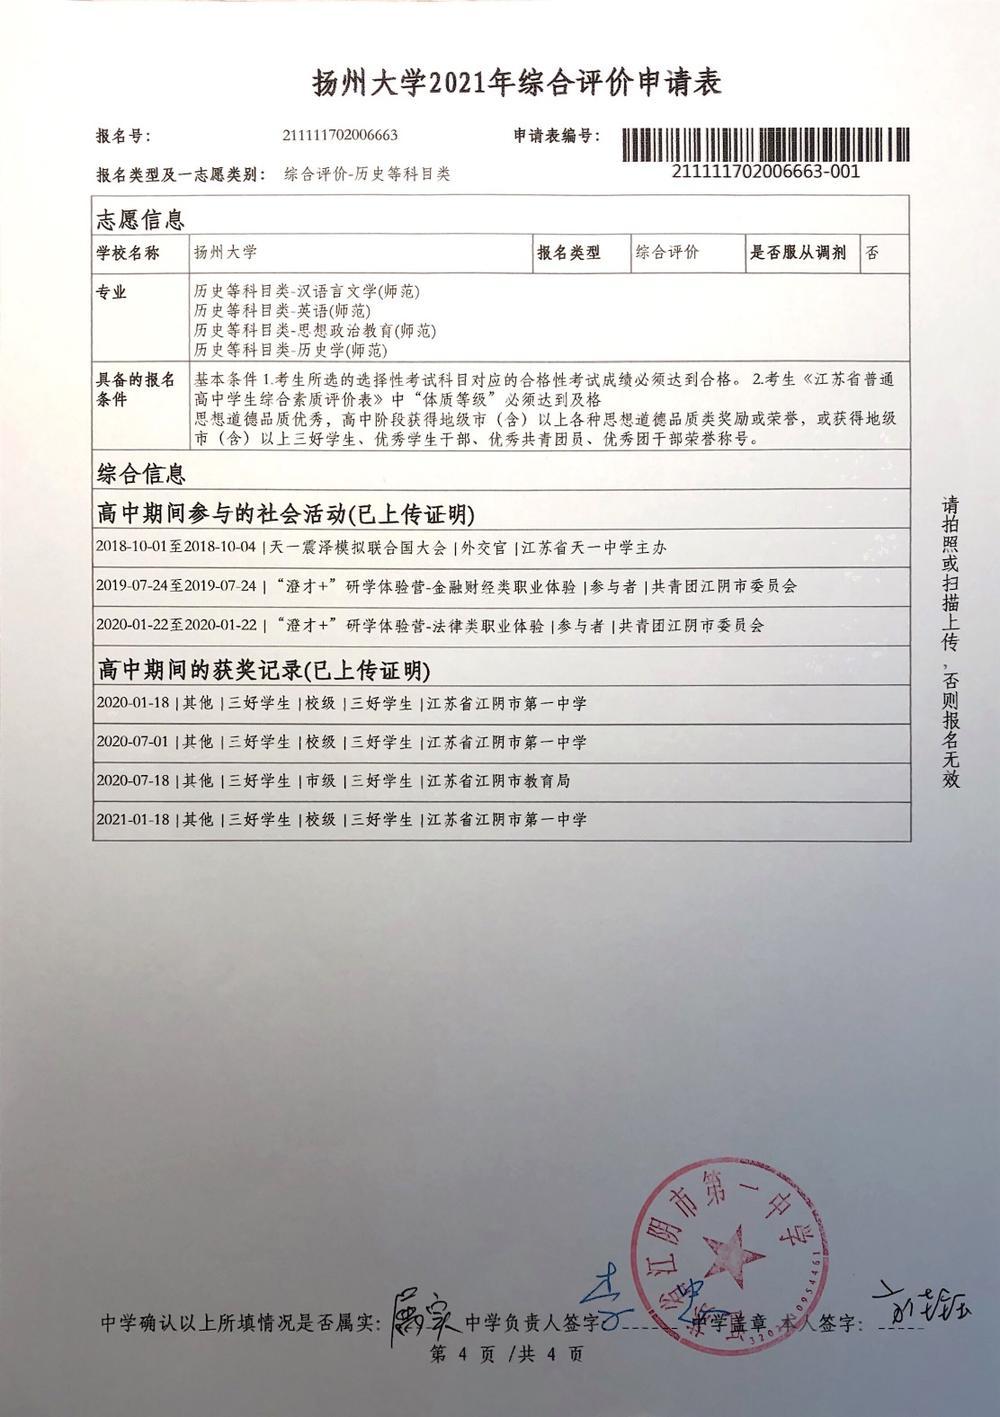 扬大申请表4.jpg